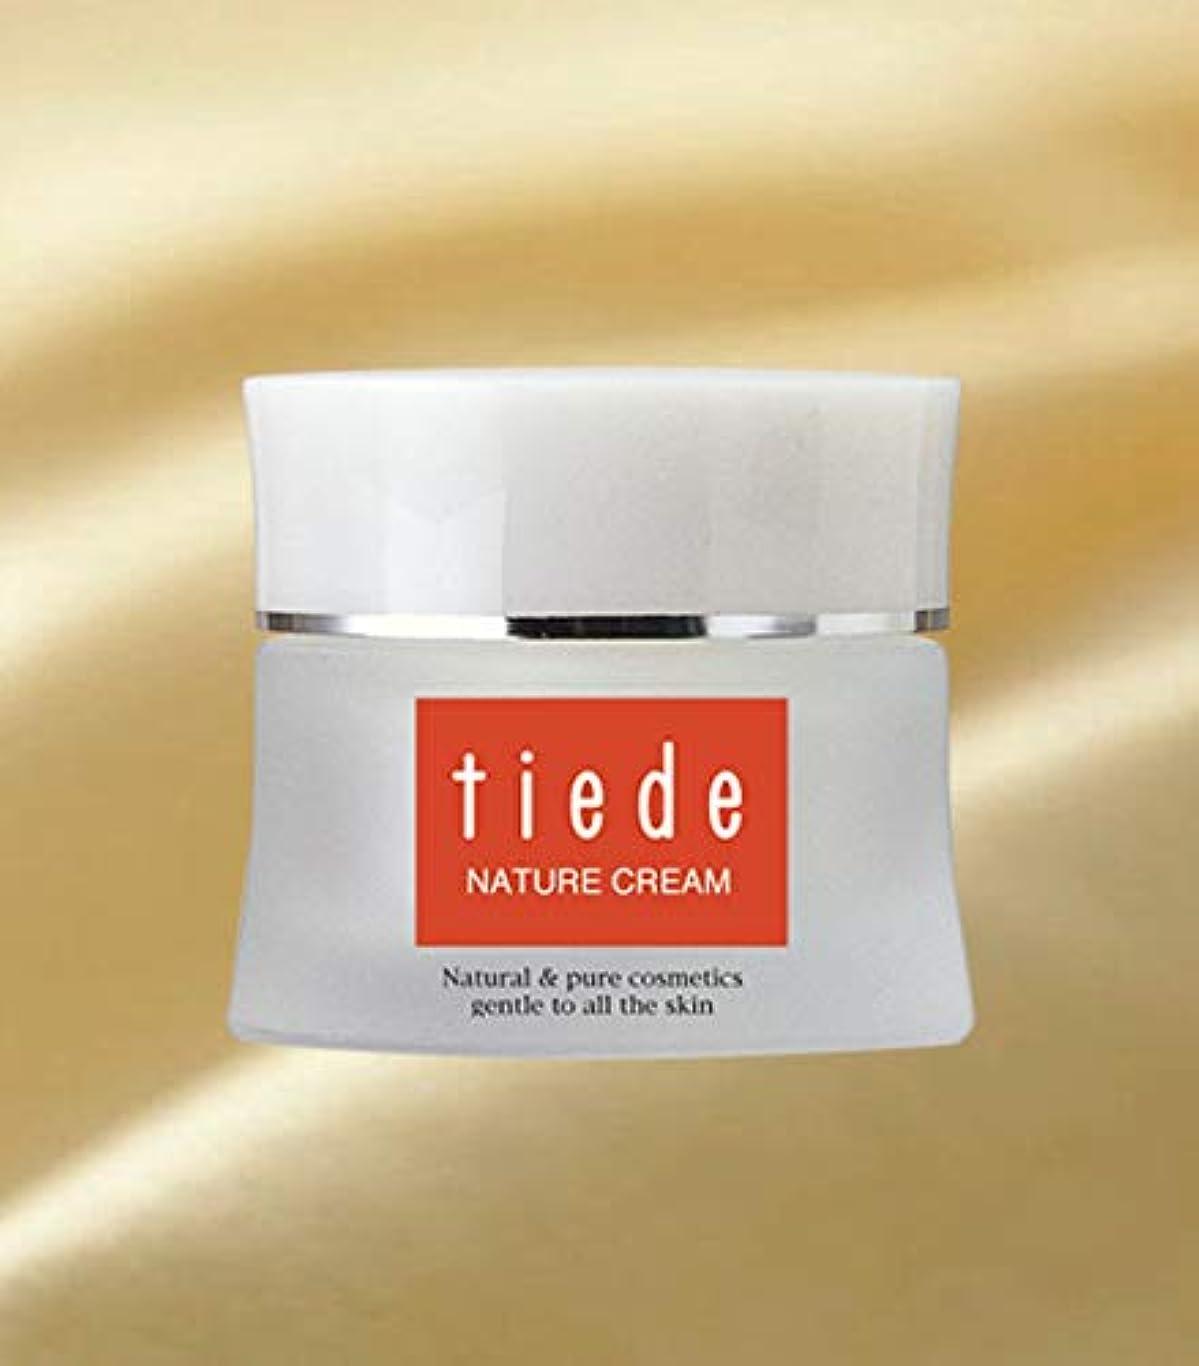 保有者期待して慈悲ティエード ナテュール クリーム(40g) Tiede Natural Cream